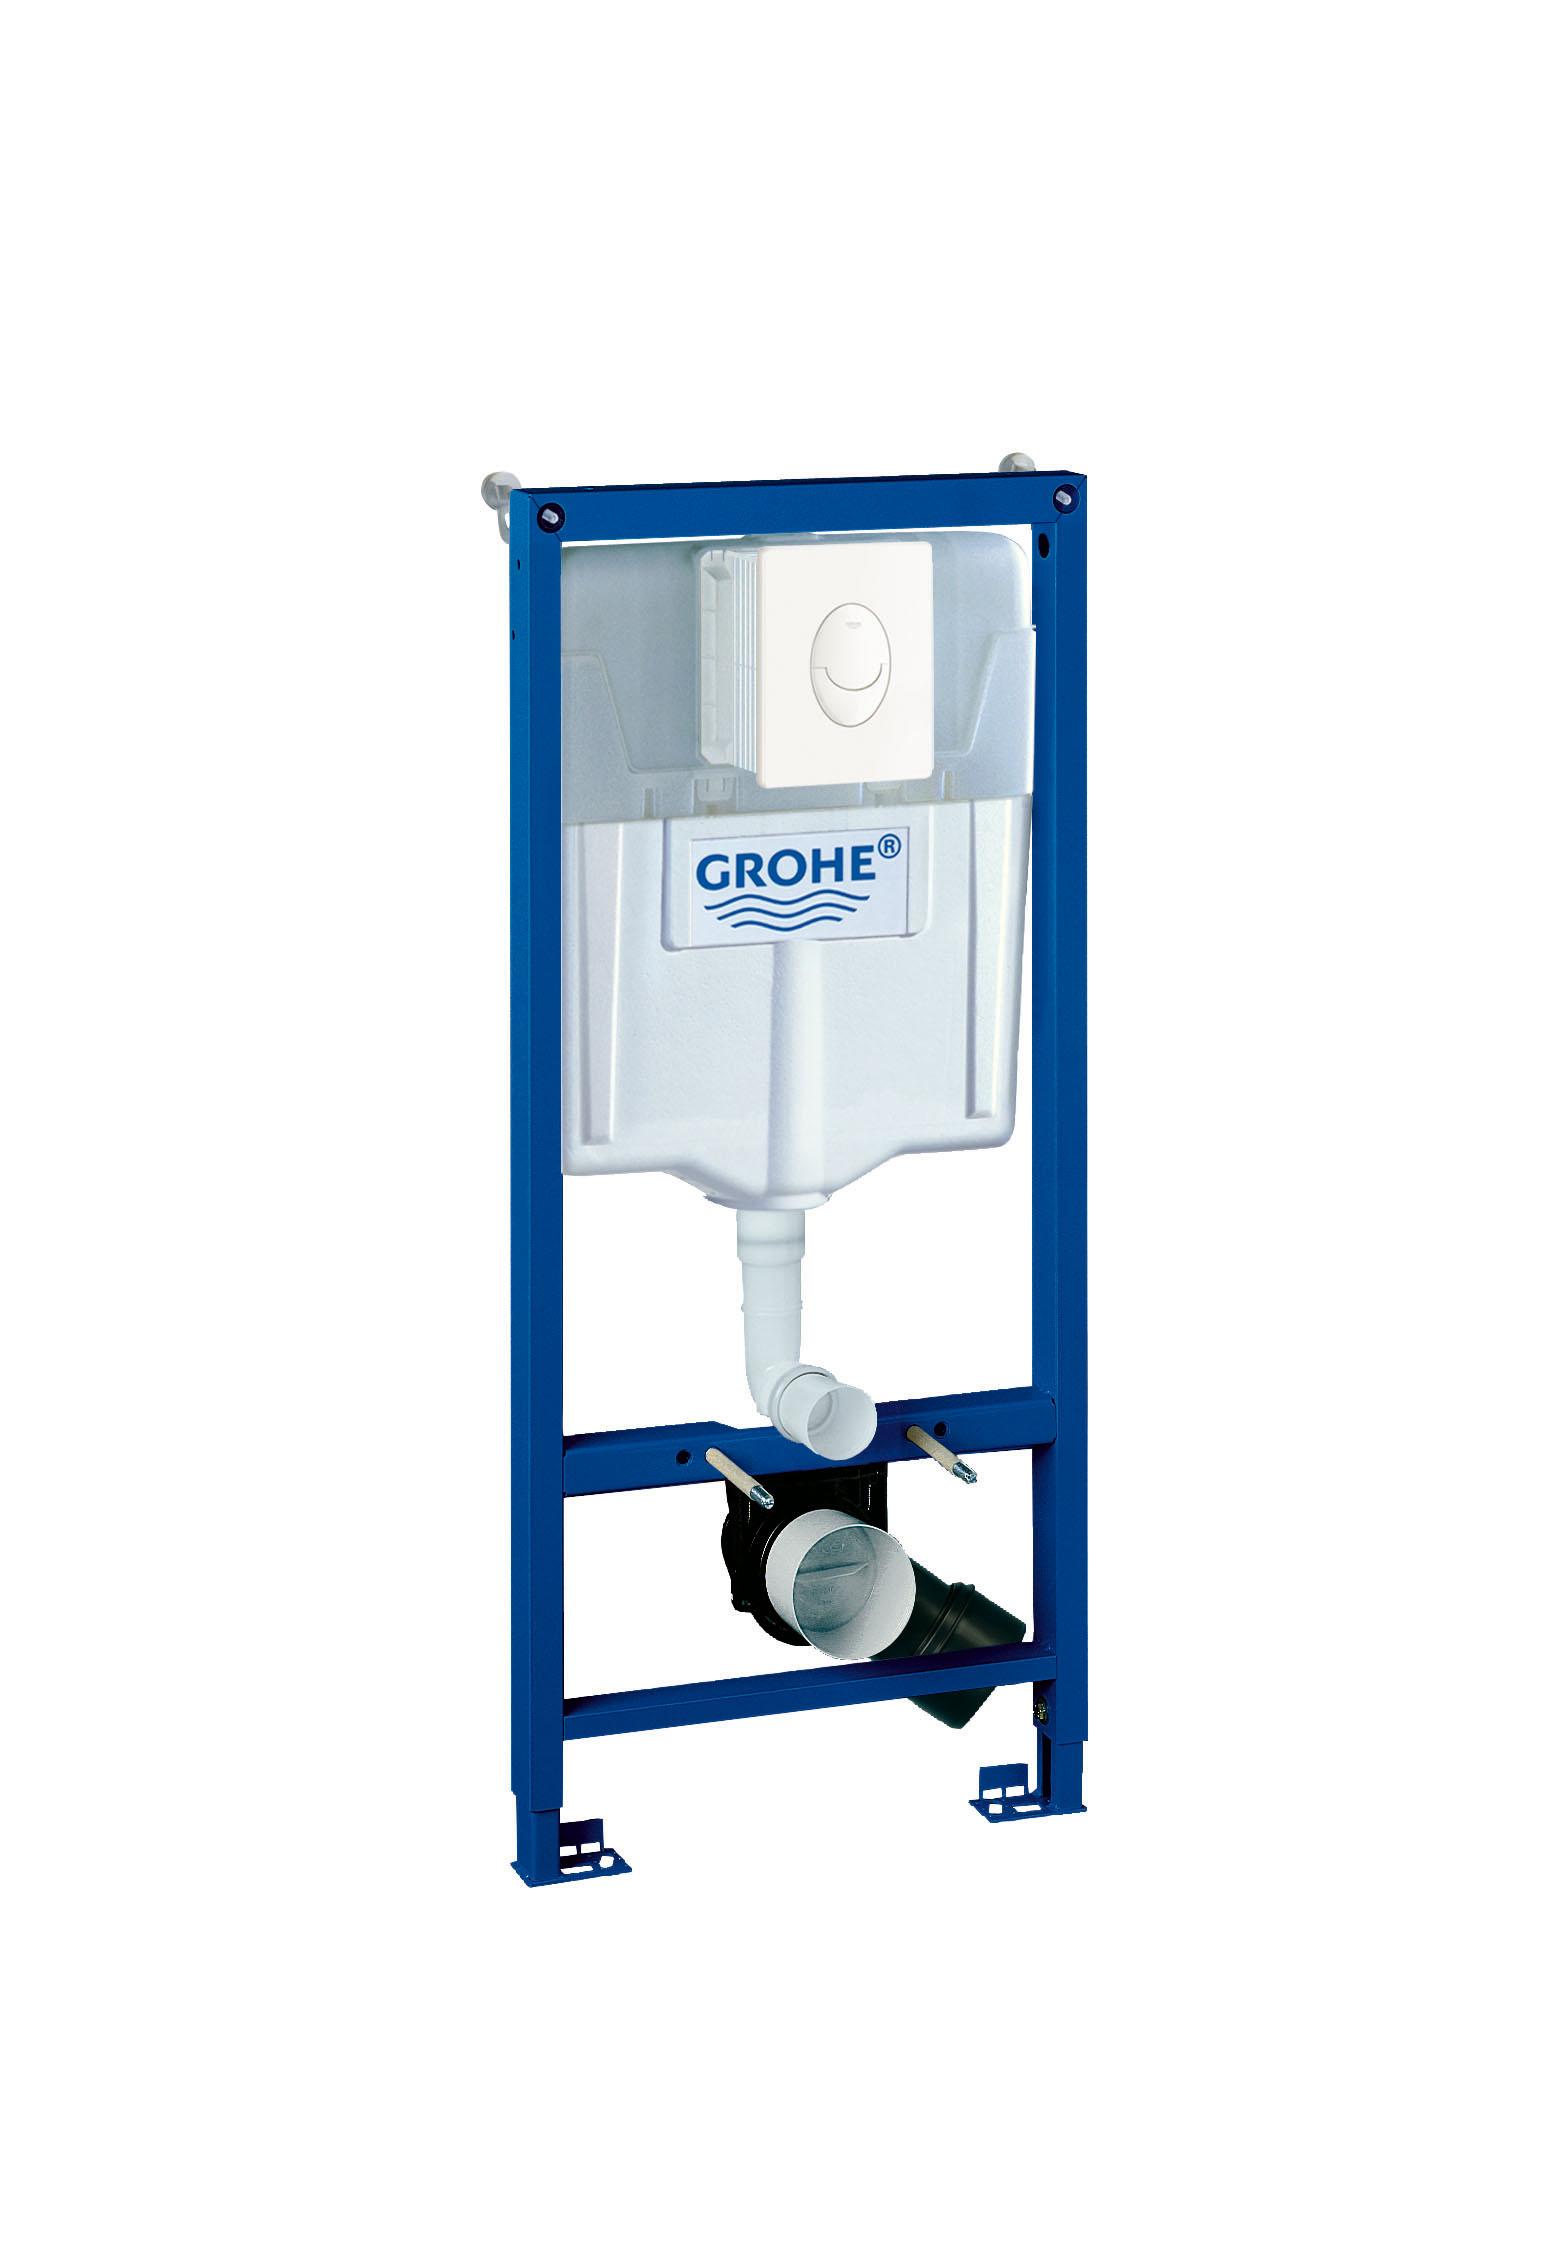 Инсталляция для унитаза Grohe Rapid sl 38722001 инсталляция grohe rapid sl 38840000 для подвесного унитаза